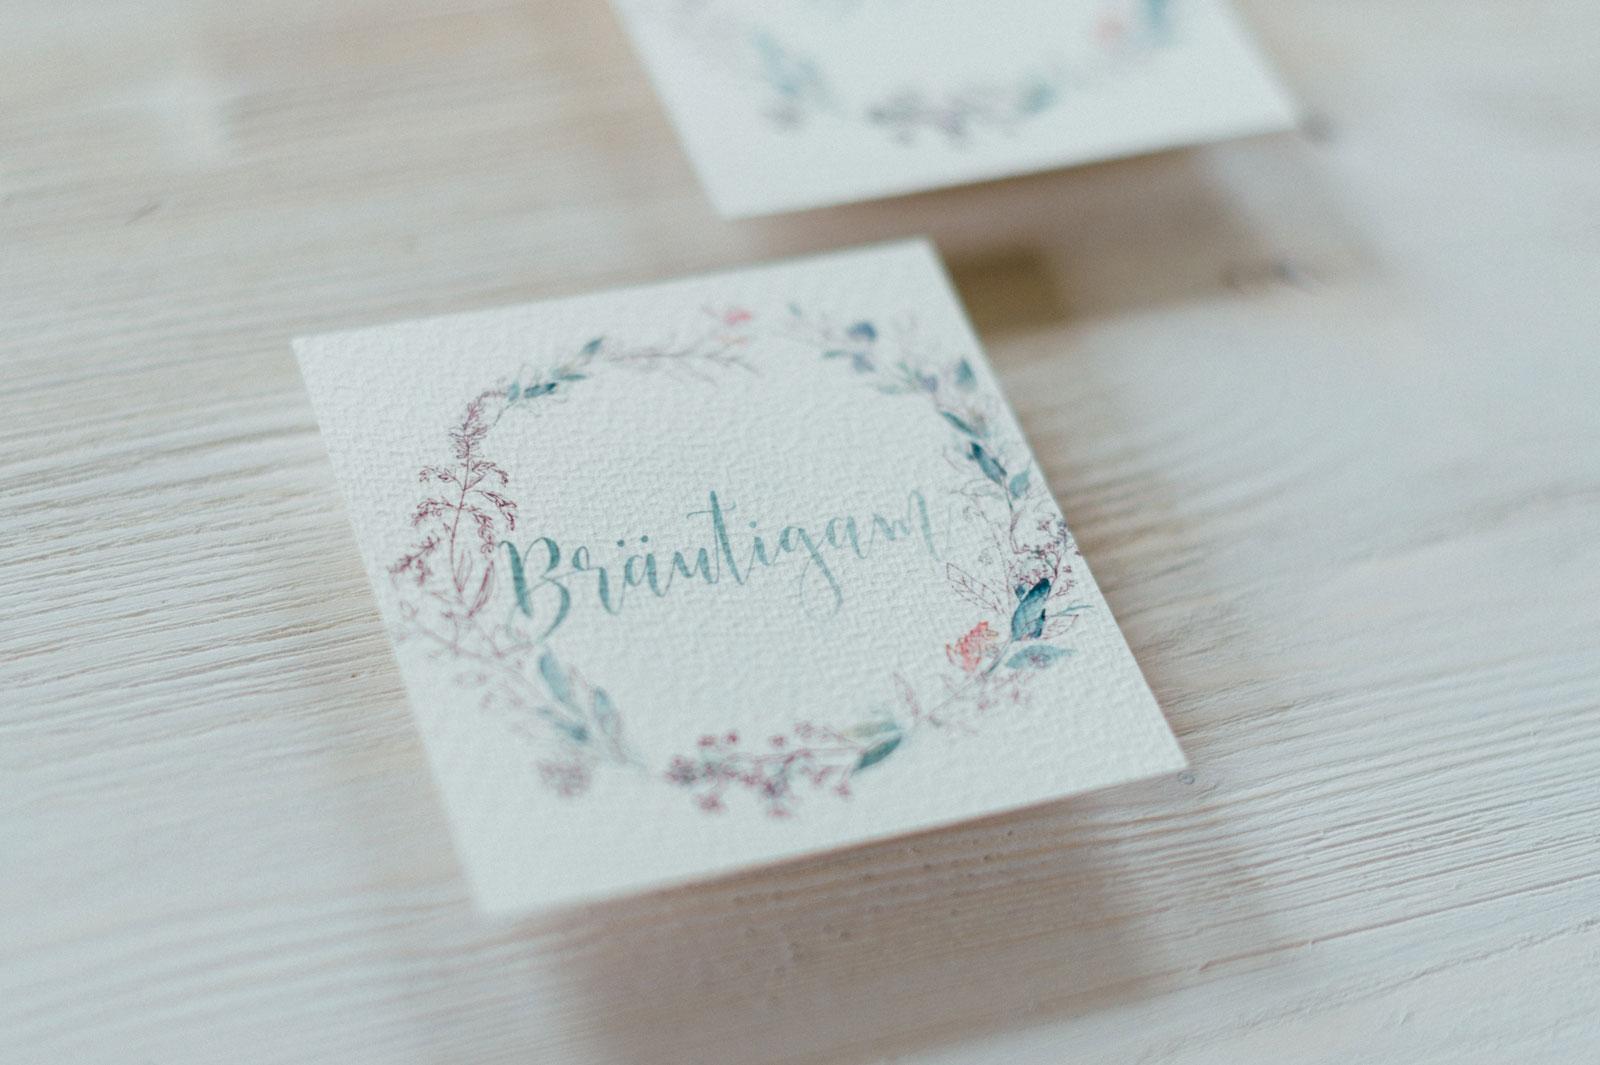 Frühling Blumen Tischkarten Platzkarten Hochzeitskarten Hochzeitspapeterie Wachs Siegel Wiesenblumen Wasserfarben Aquarell Danksagungskarte Individuell Hochzeitsmotto Jahreszeiten